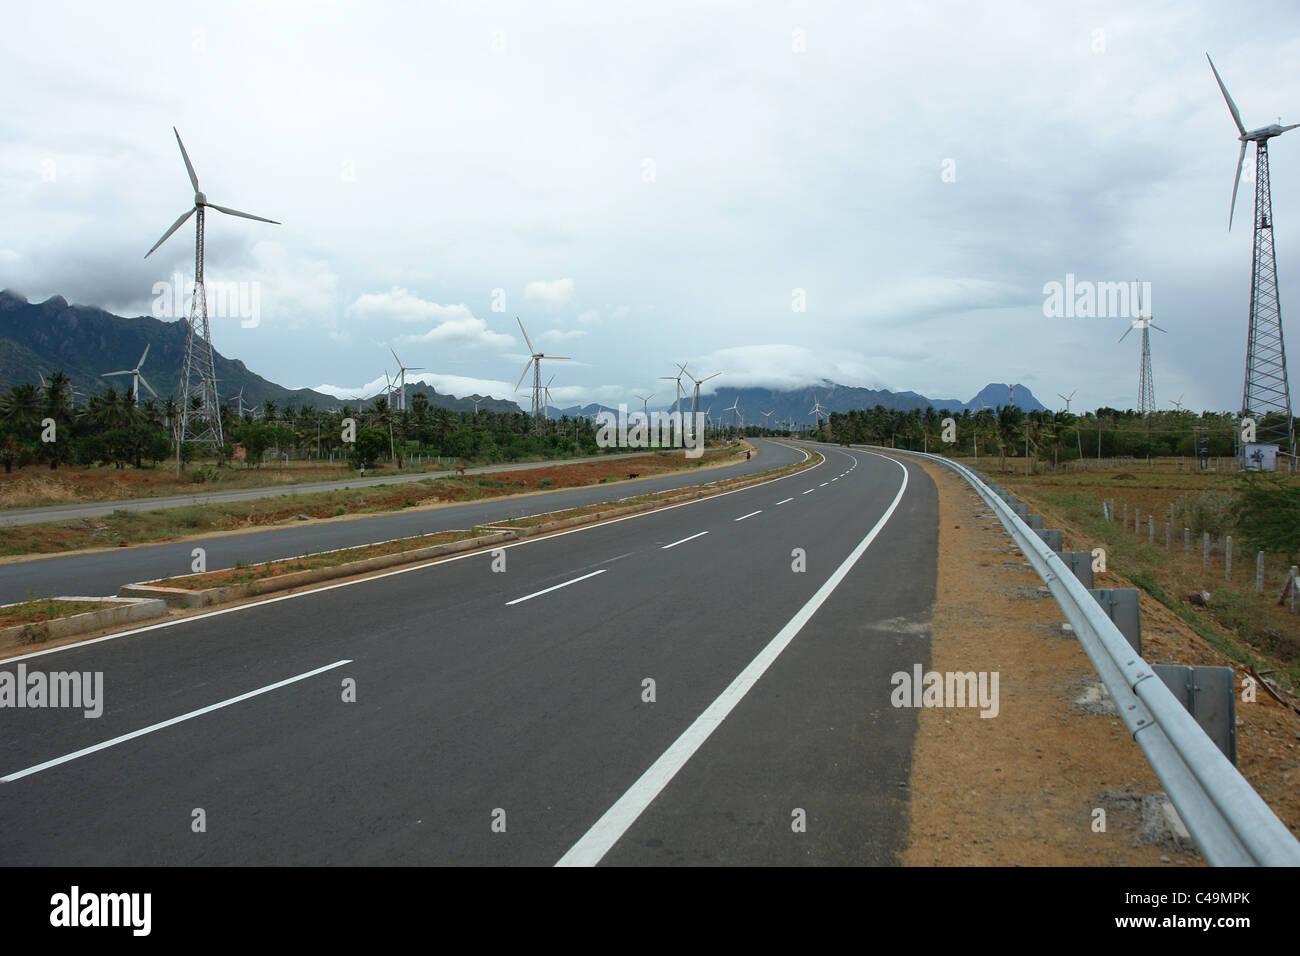 L'autoroute, l'énergie éolienne l'énergie éolienne, ventilateur, Éolienne Photo Stock